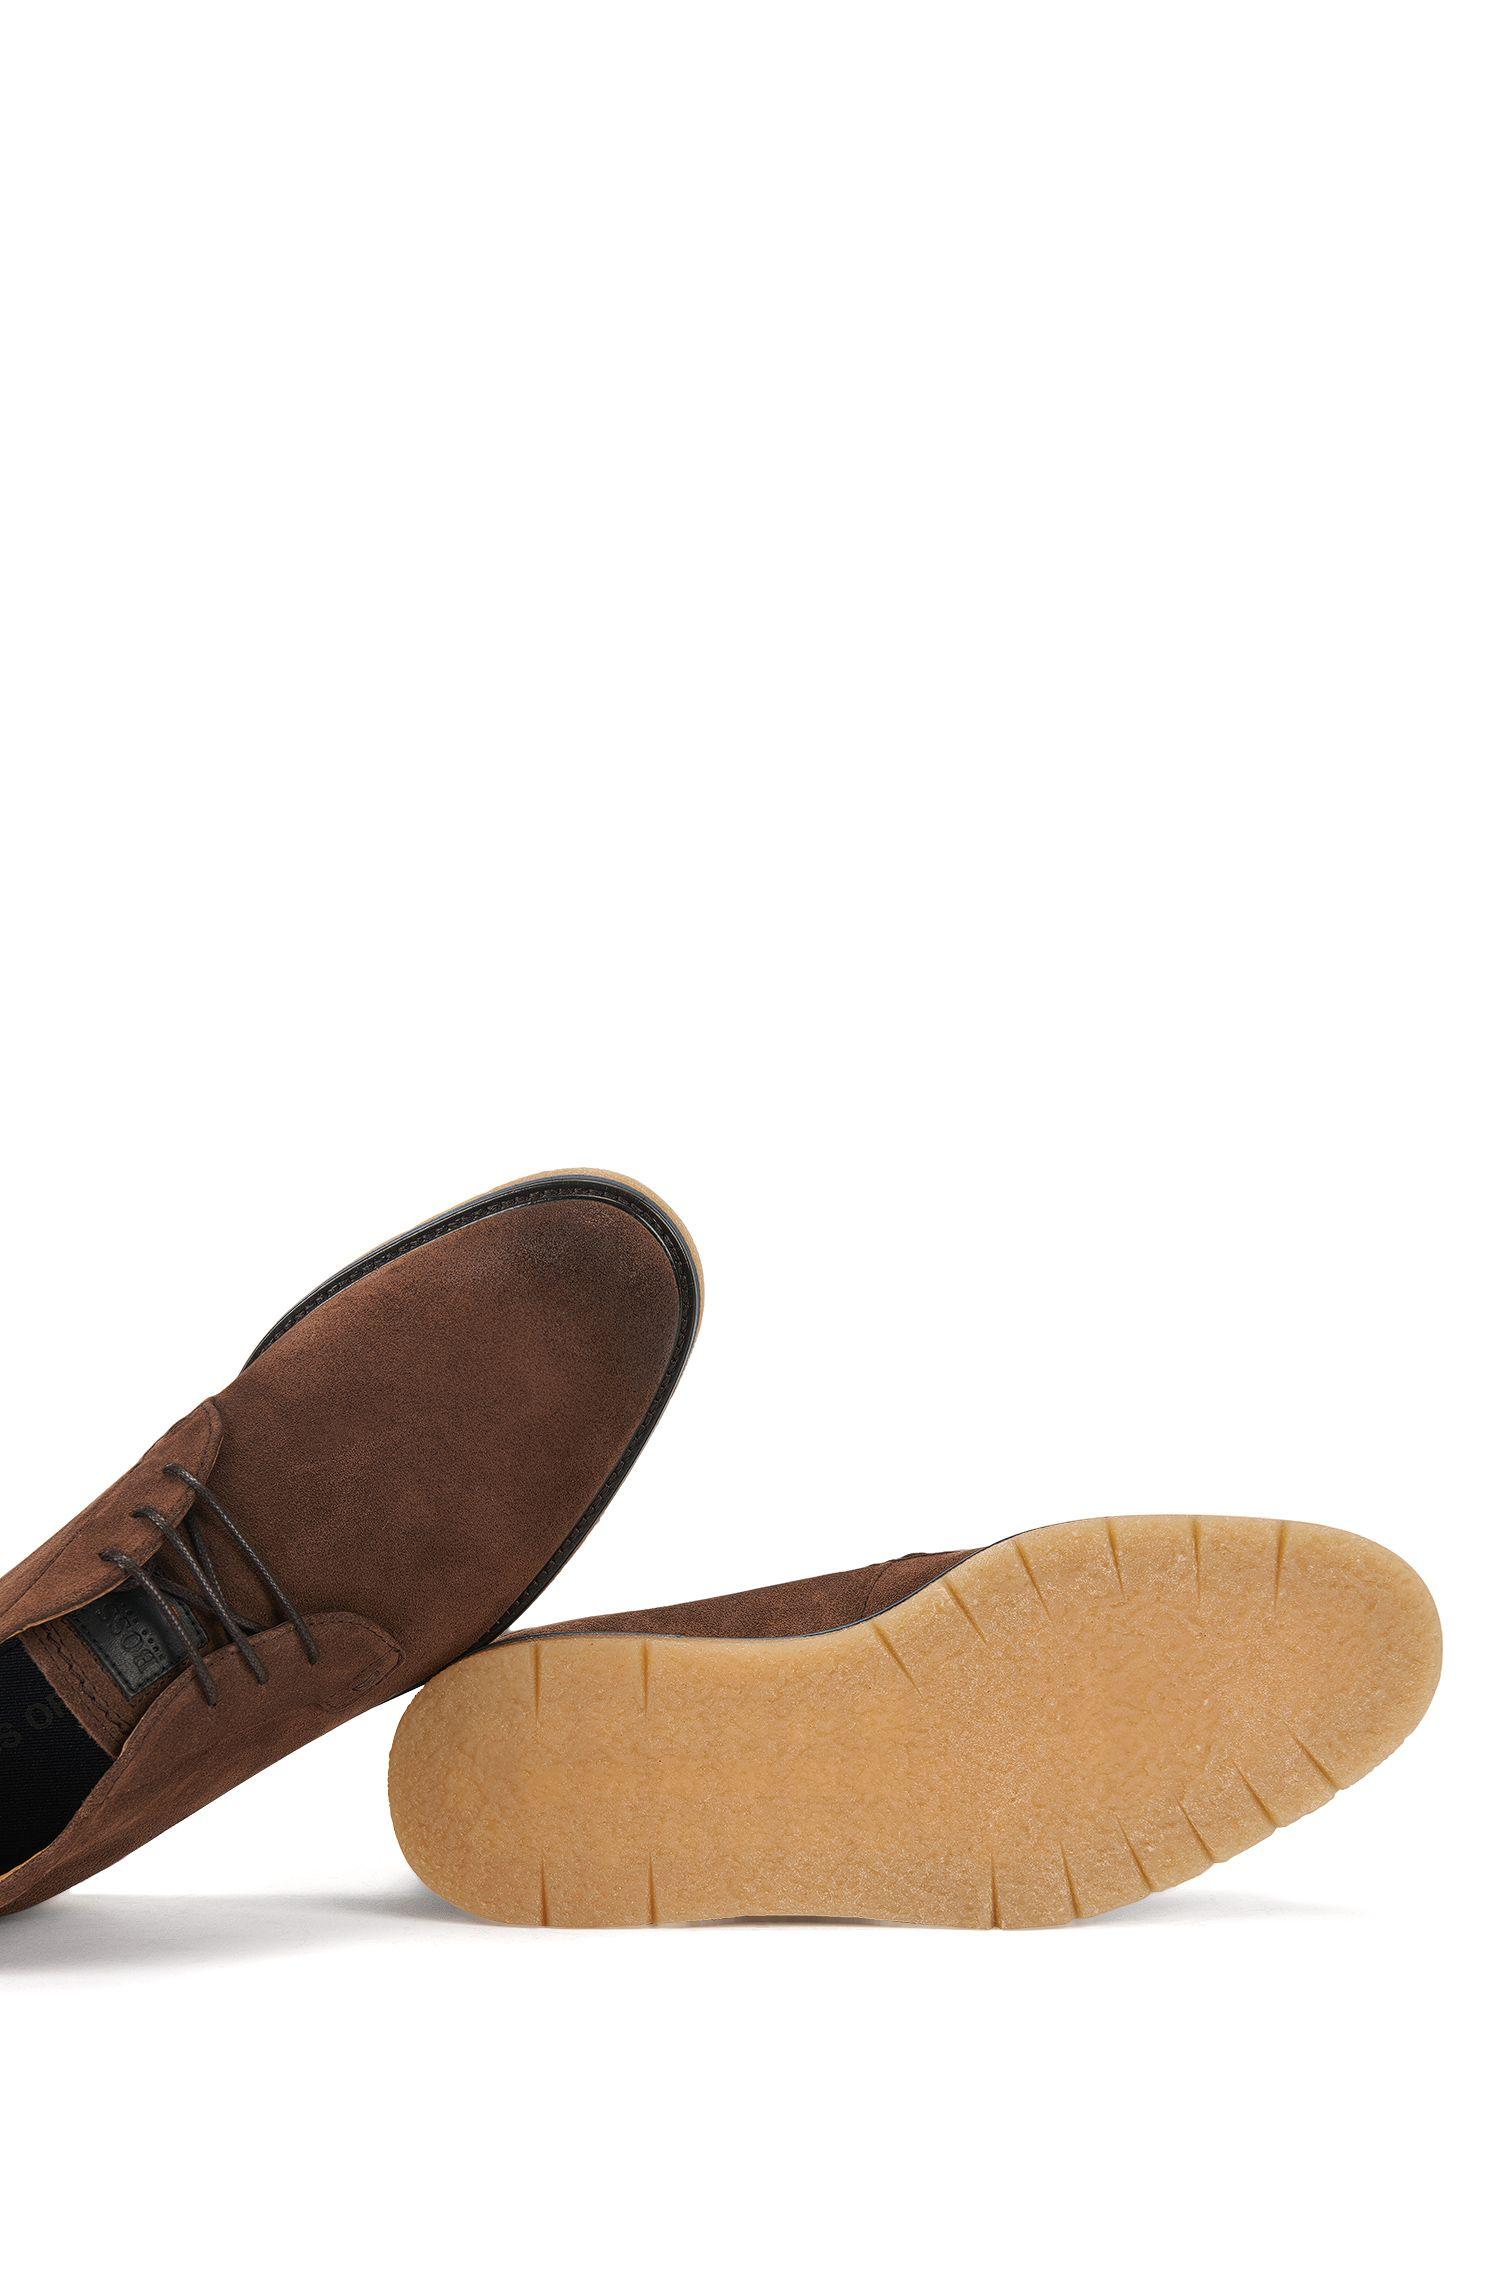 Suede Desert Boot | Tune Desb SD, Light Brown